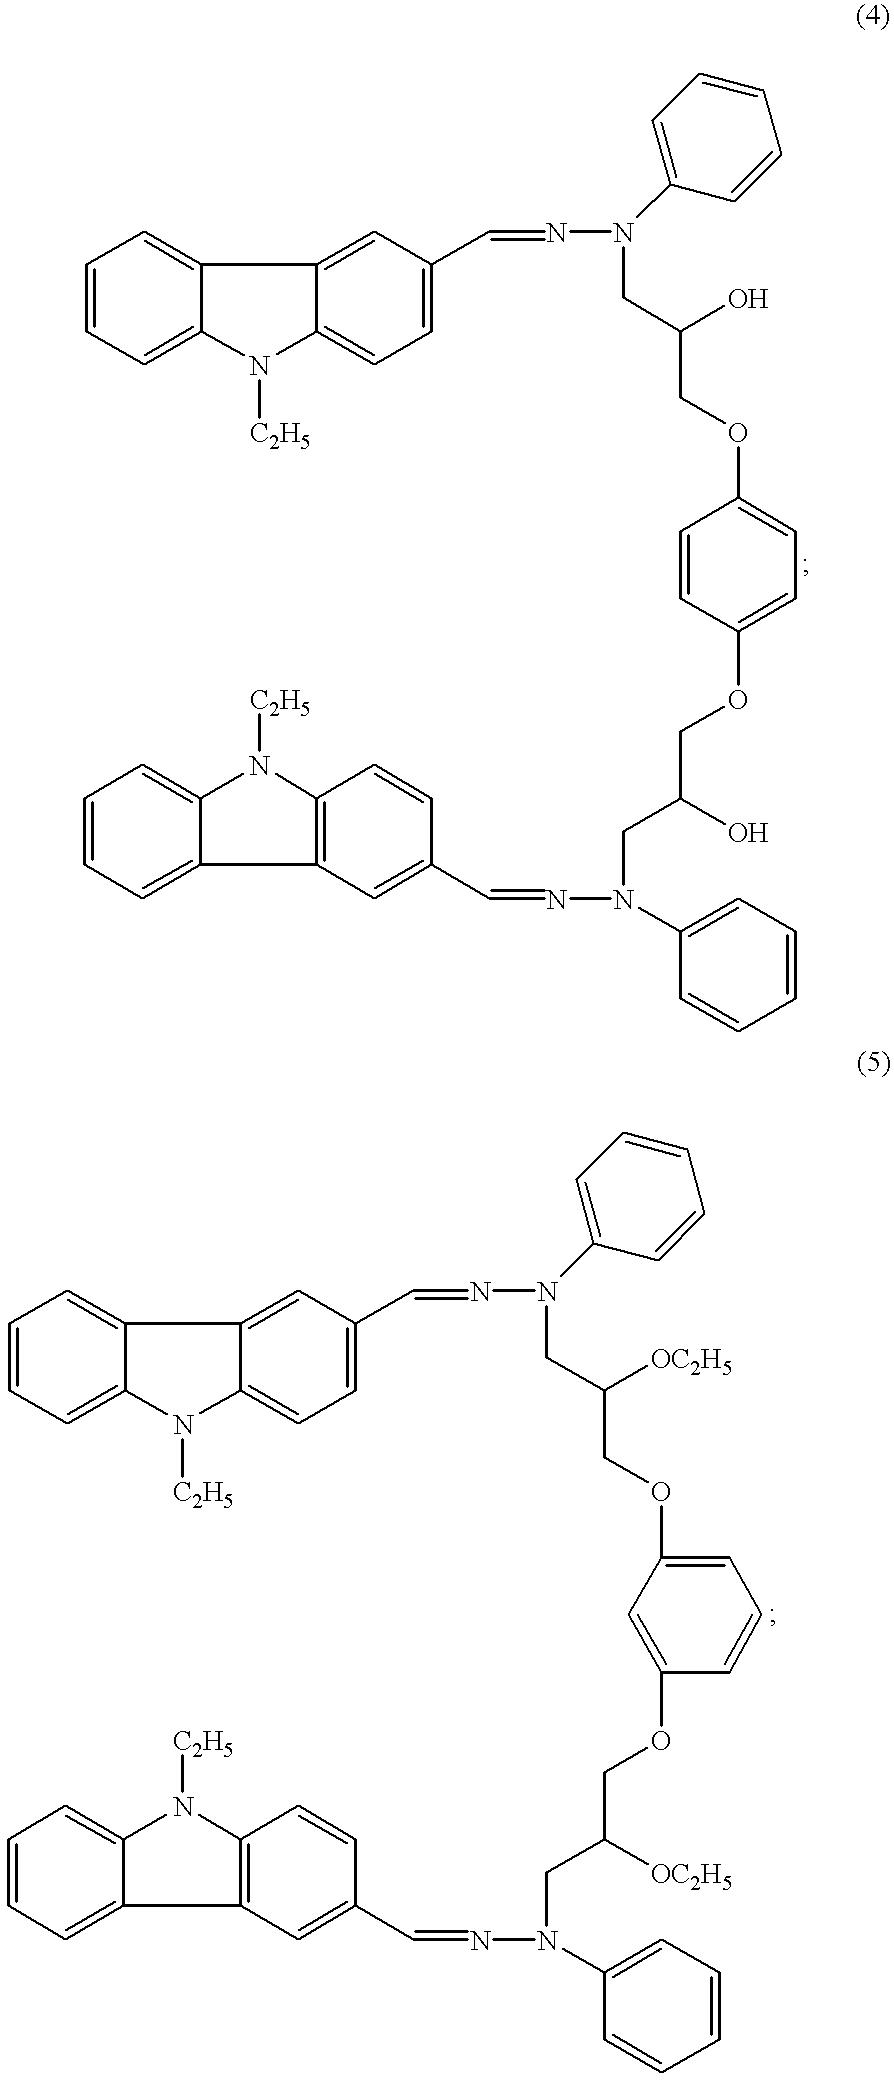 Figure US06214503-20010410-C00008